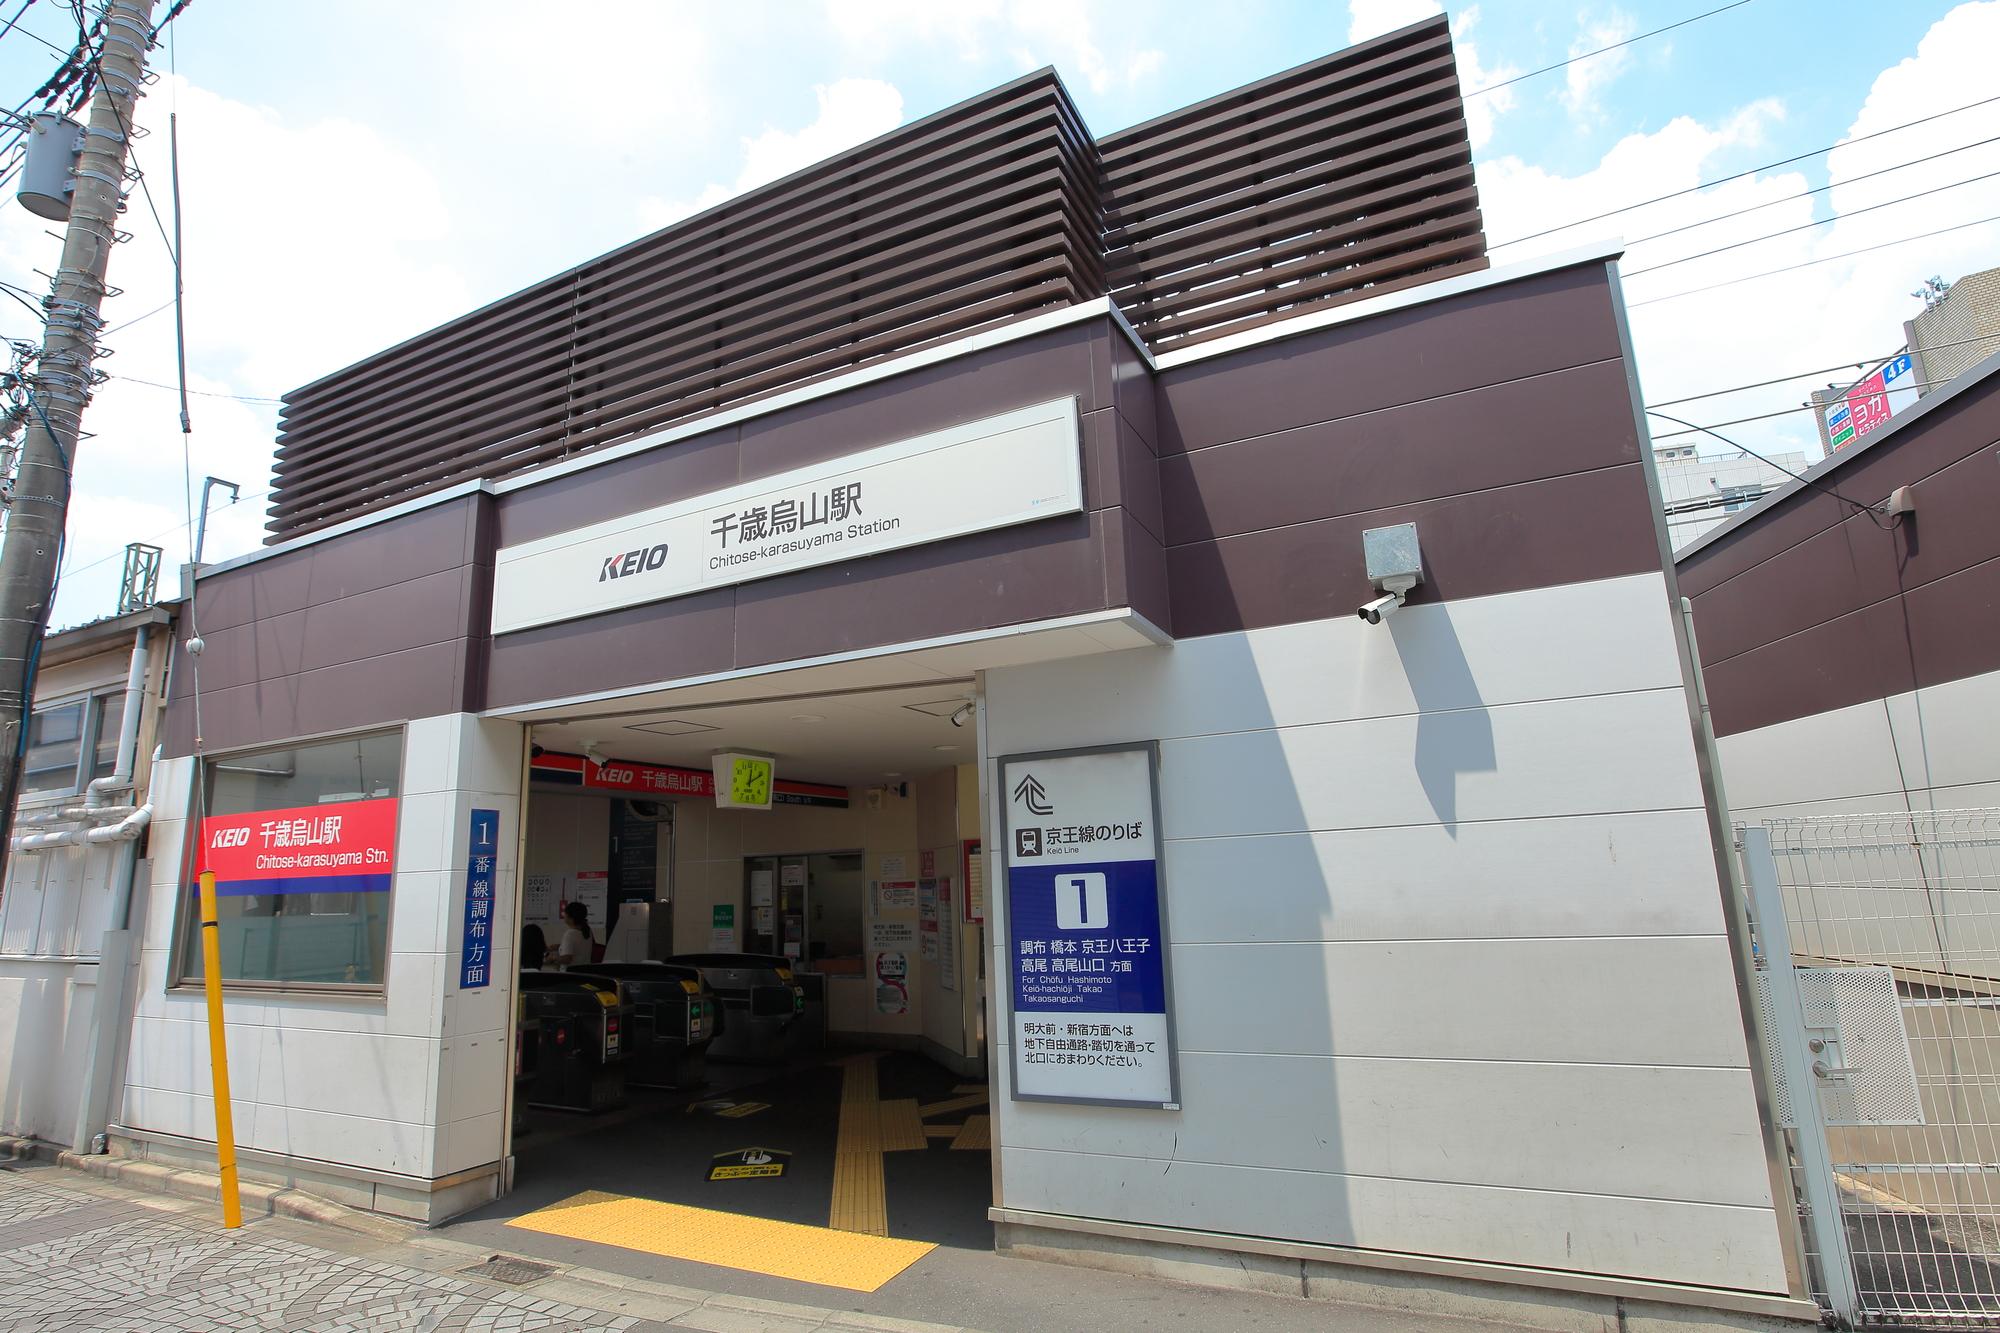 〈予約可〉千歳烏山駅の歯医者5院!おすすめポイントも紹介